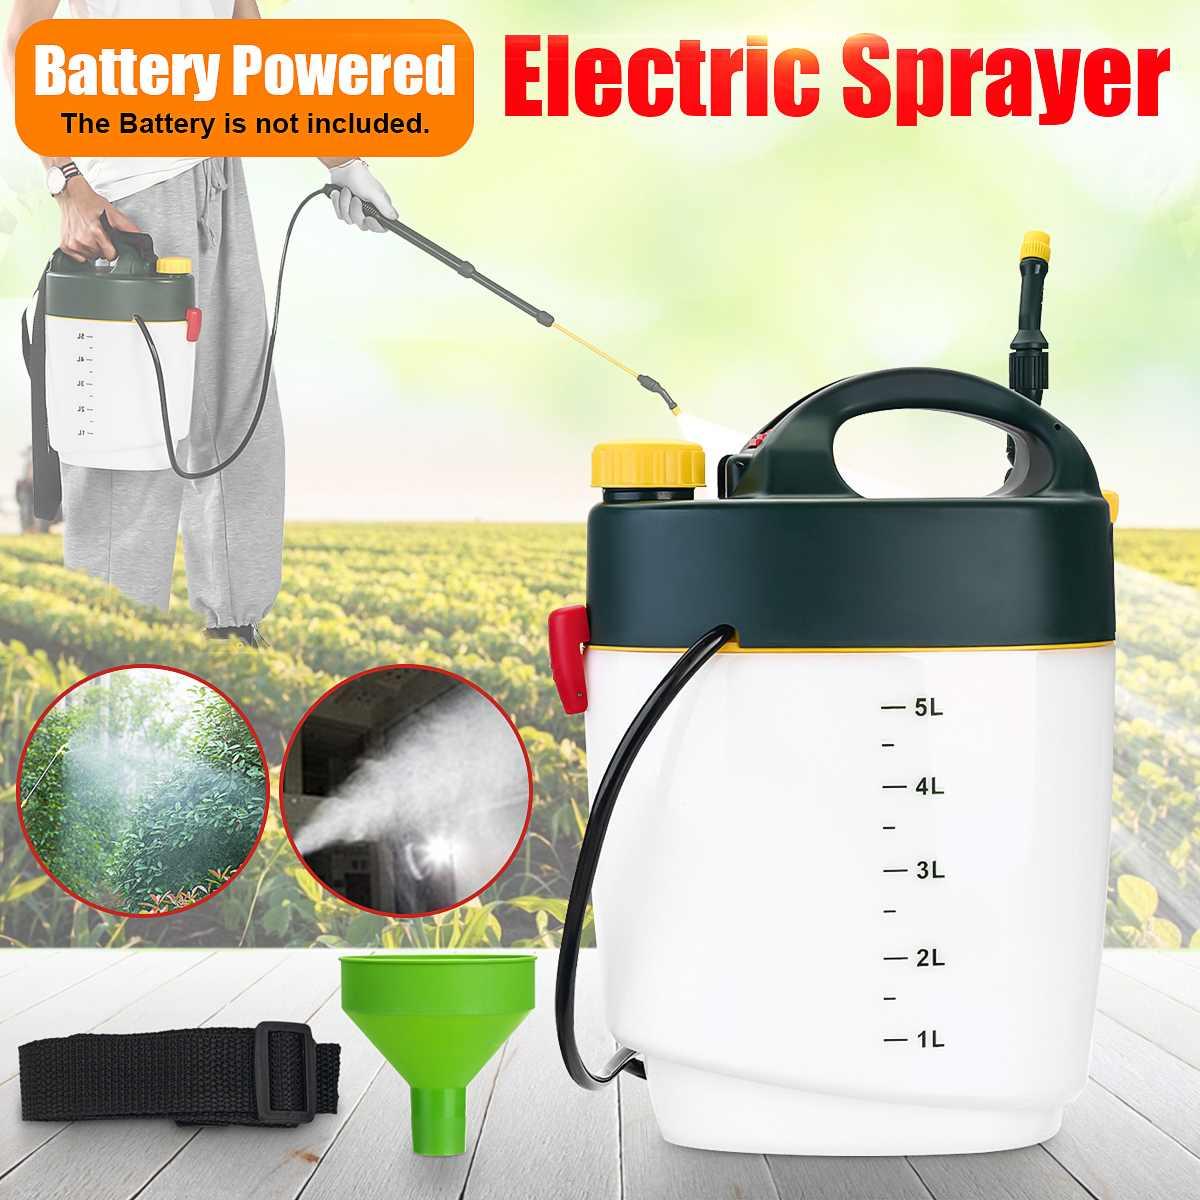 Rociador de vapor eléctrico de 5L, dispensador de pesticidas agrícolas, generador de niebla con batería para jardín, máquina de desinfección, correa ajustable